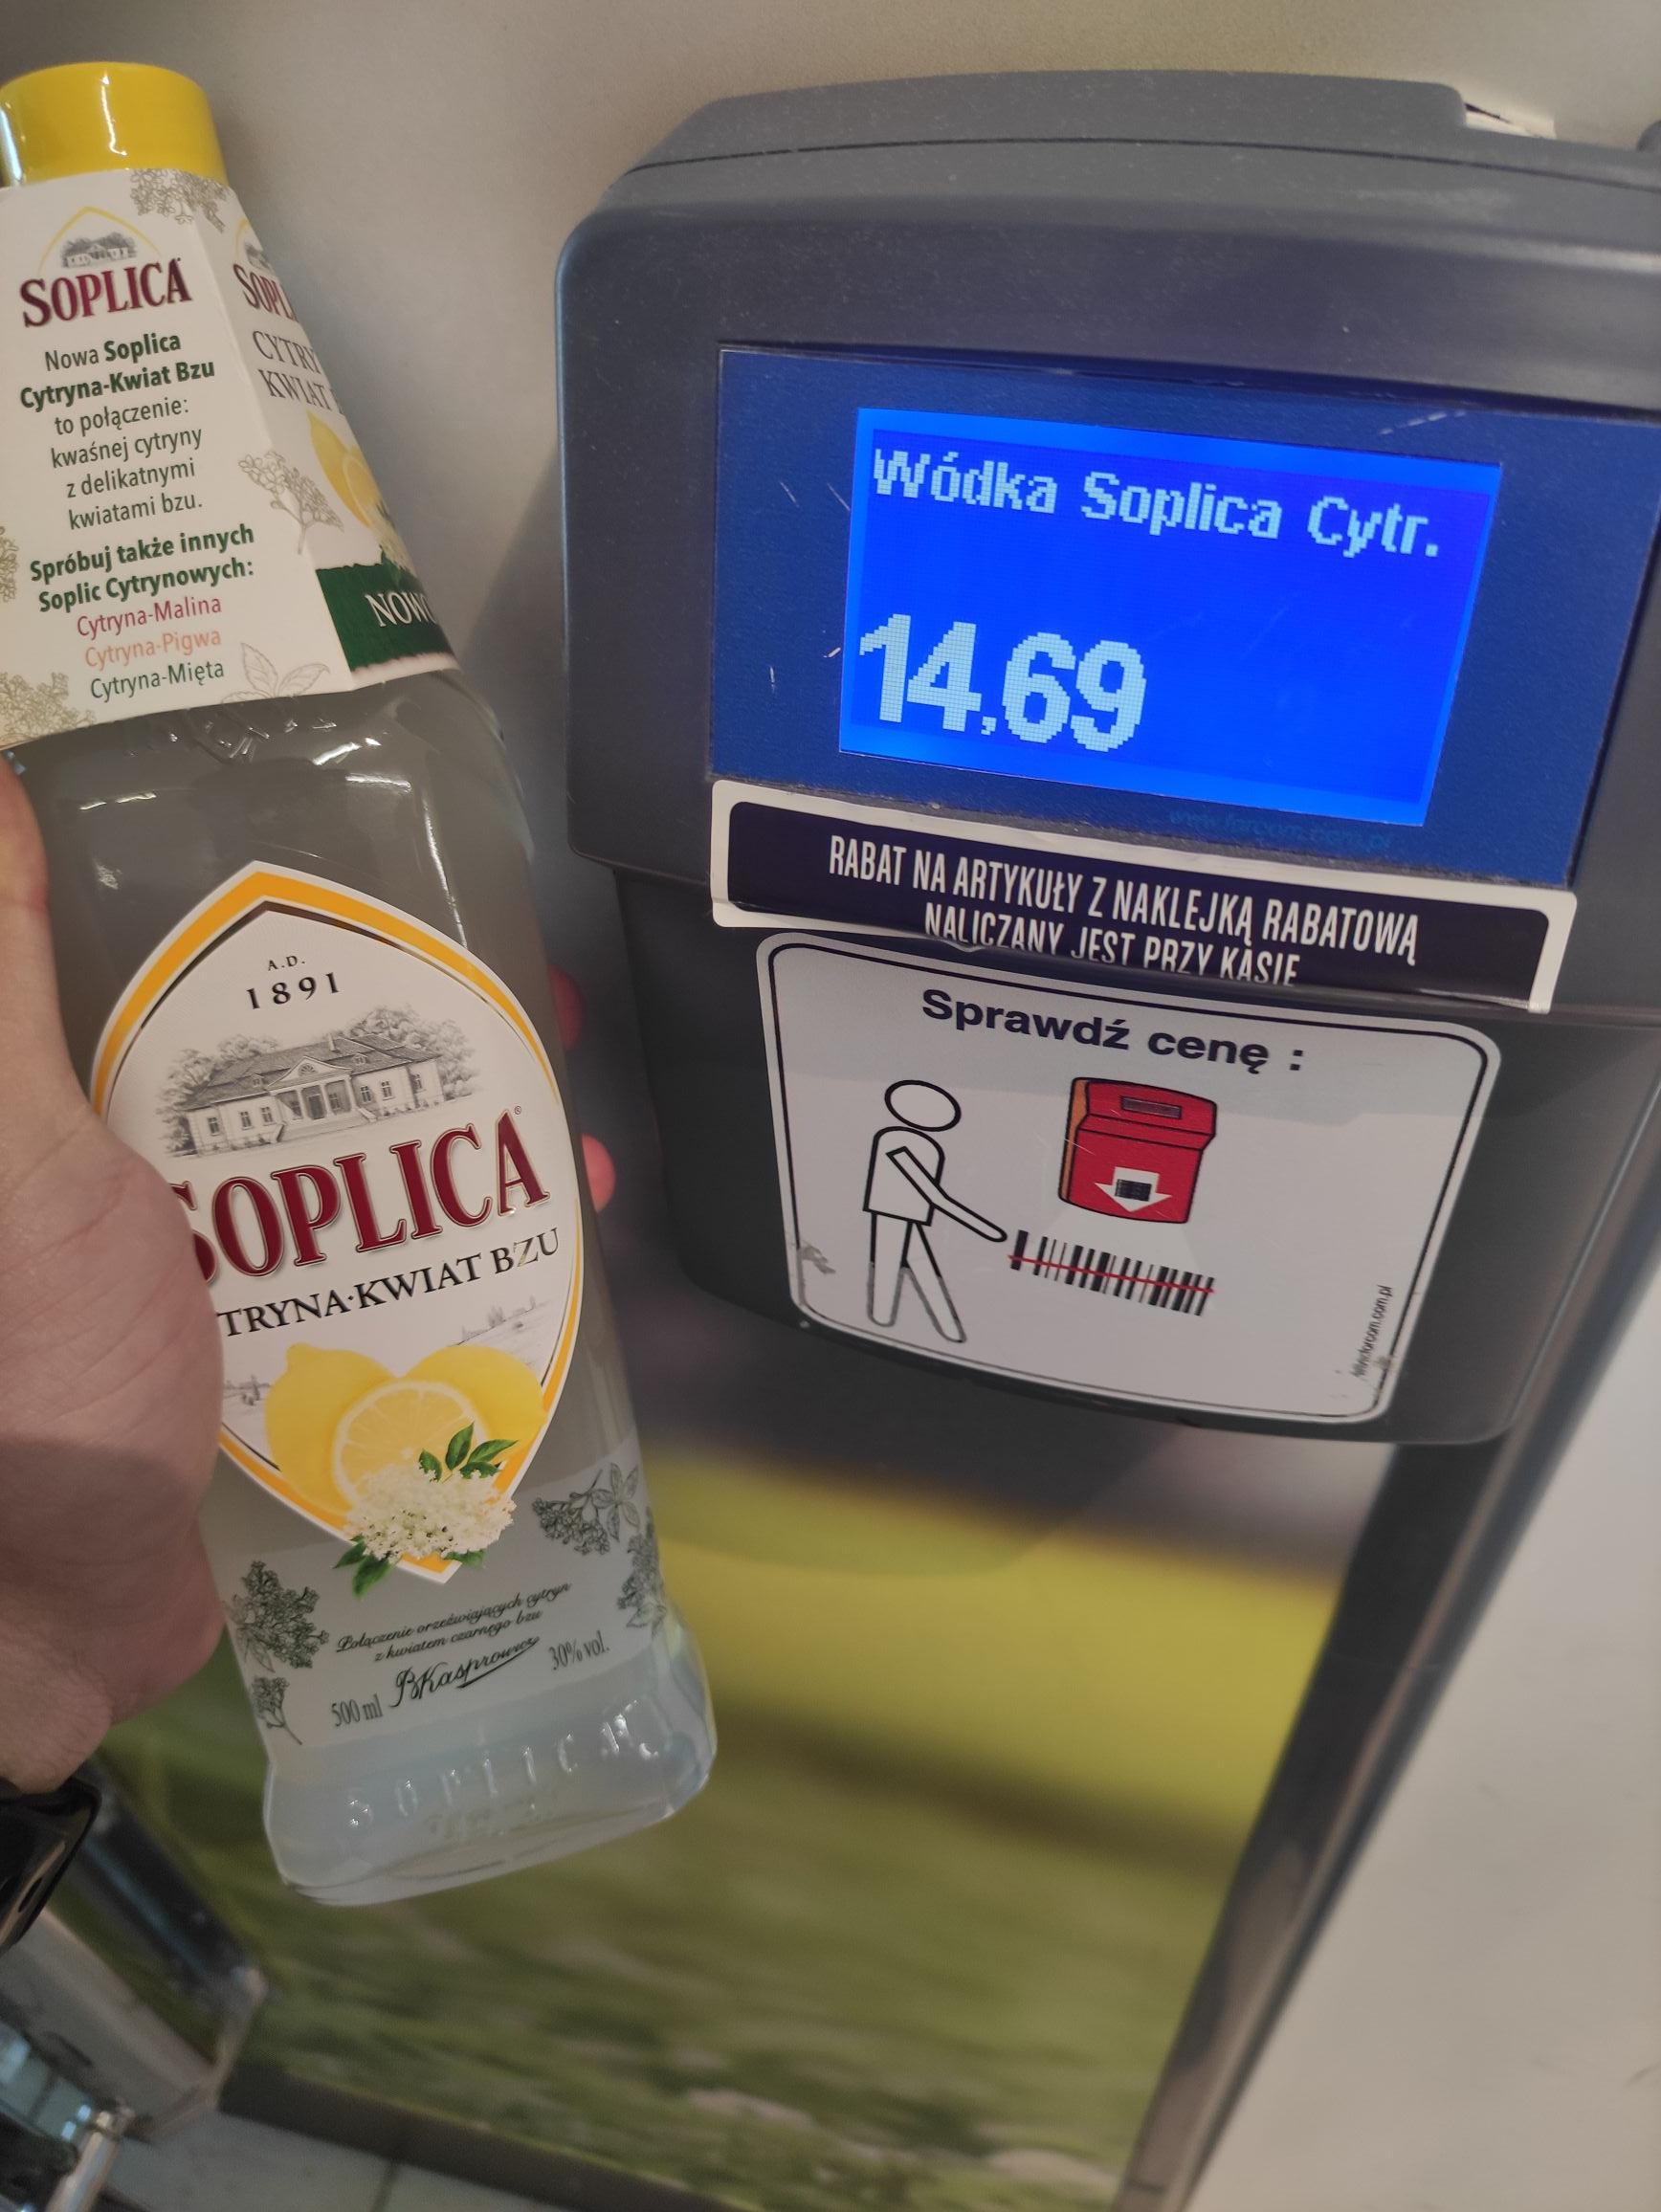 Wódka Soplica różne smaki, Lidl